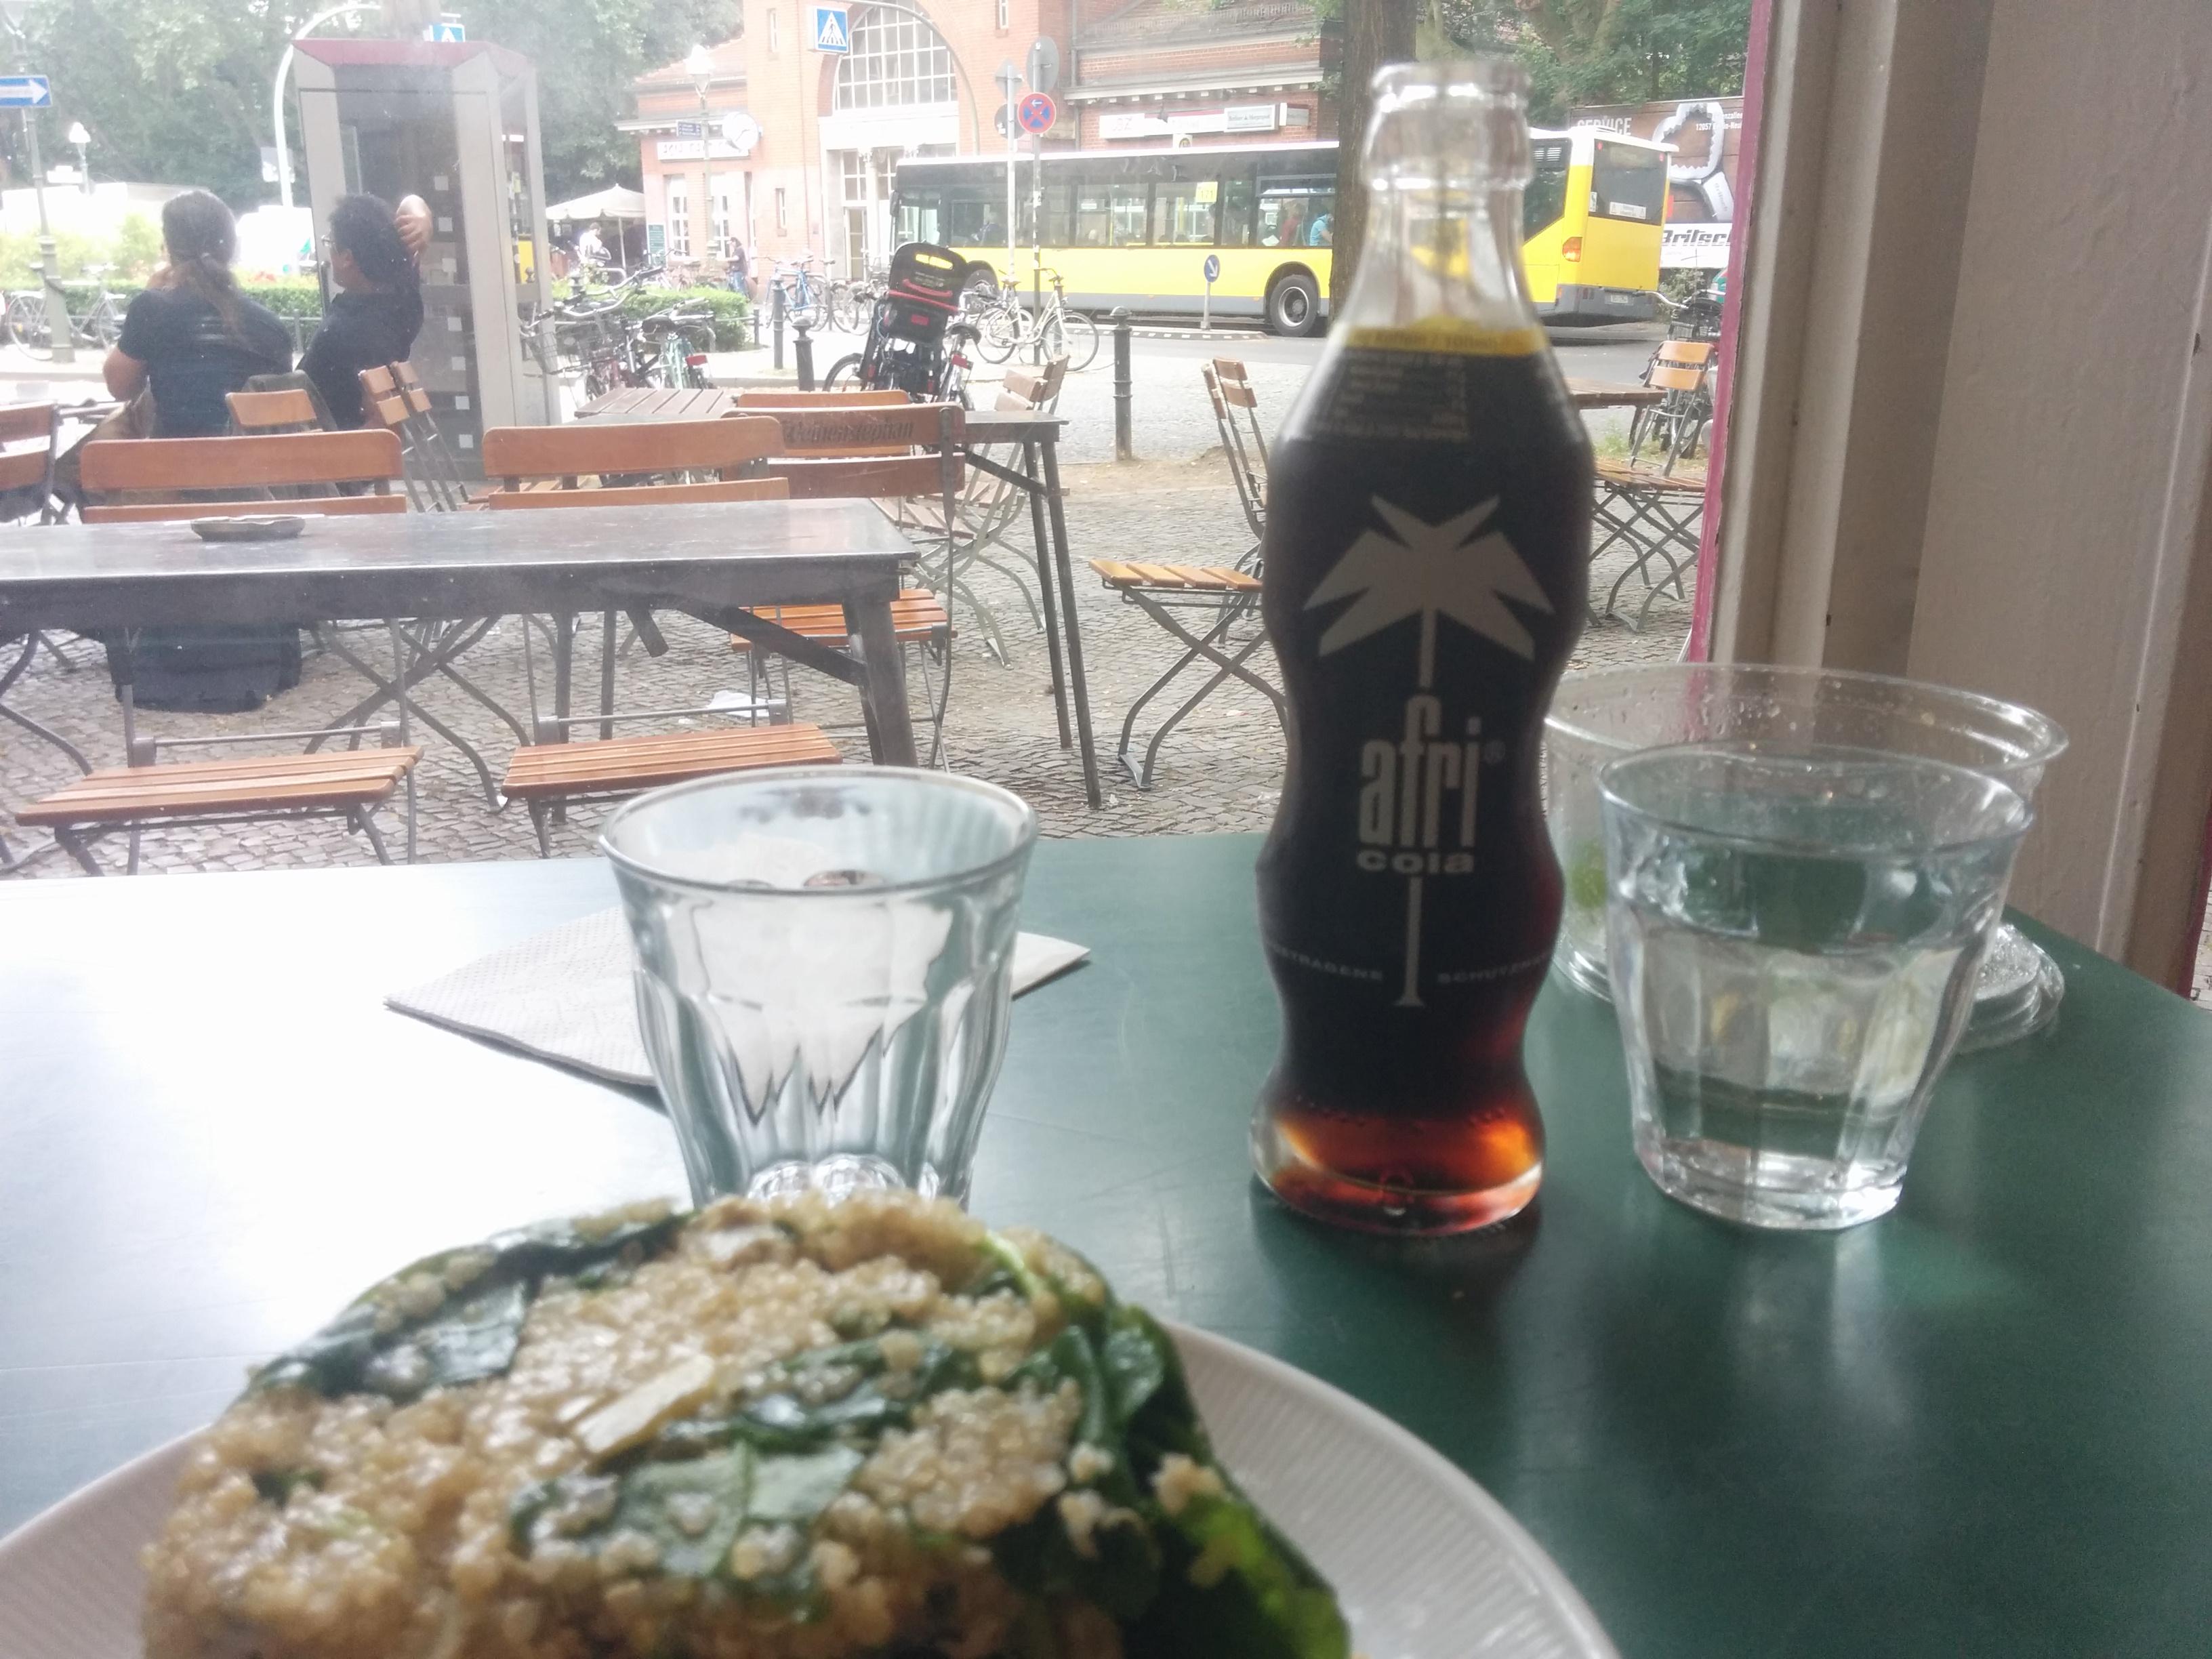 Salad and a bottle of Afri Cola.